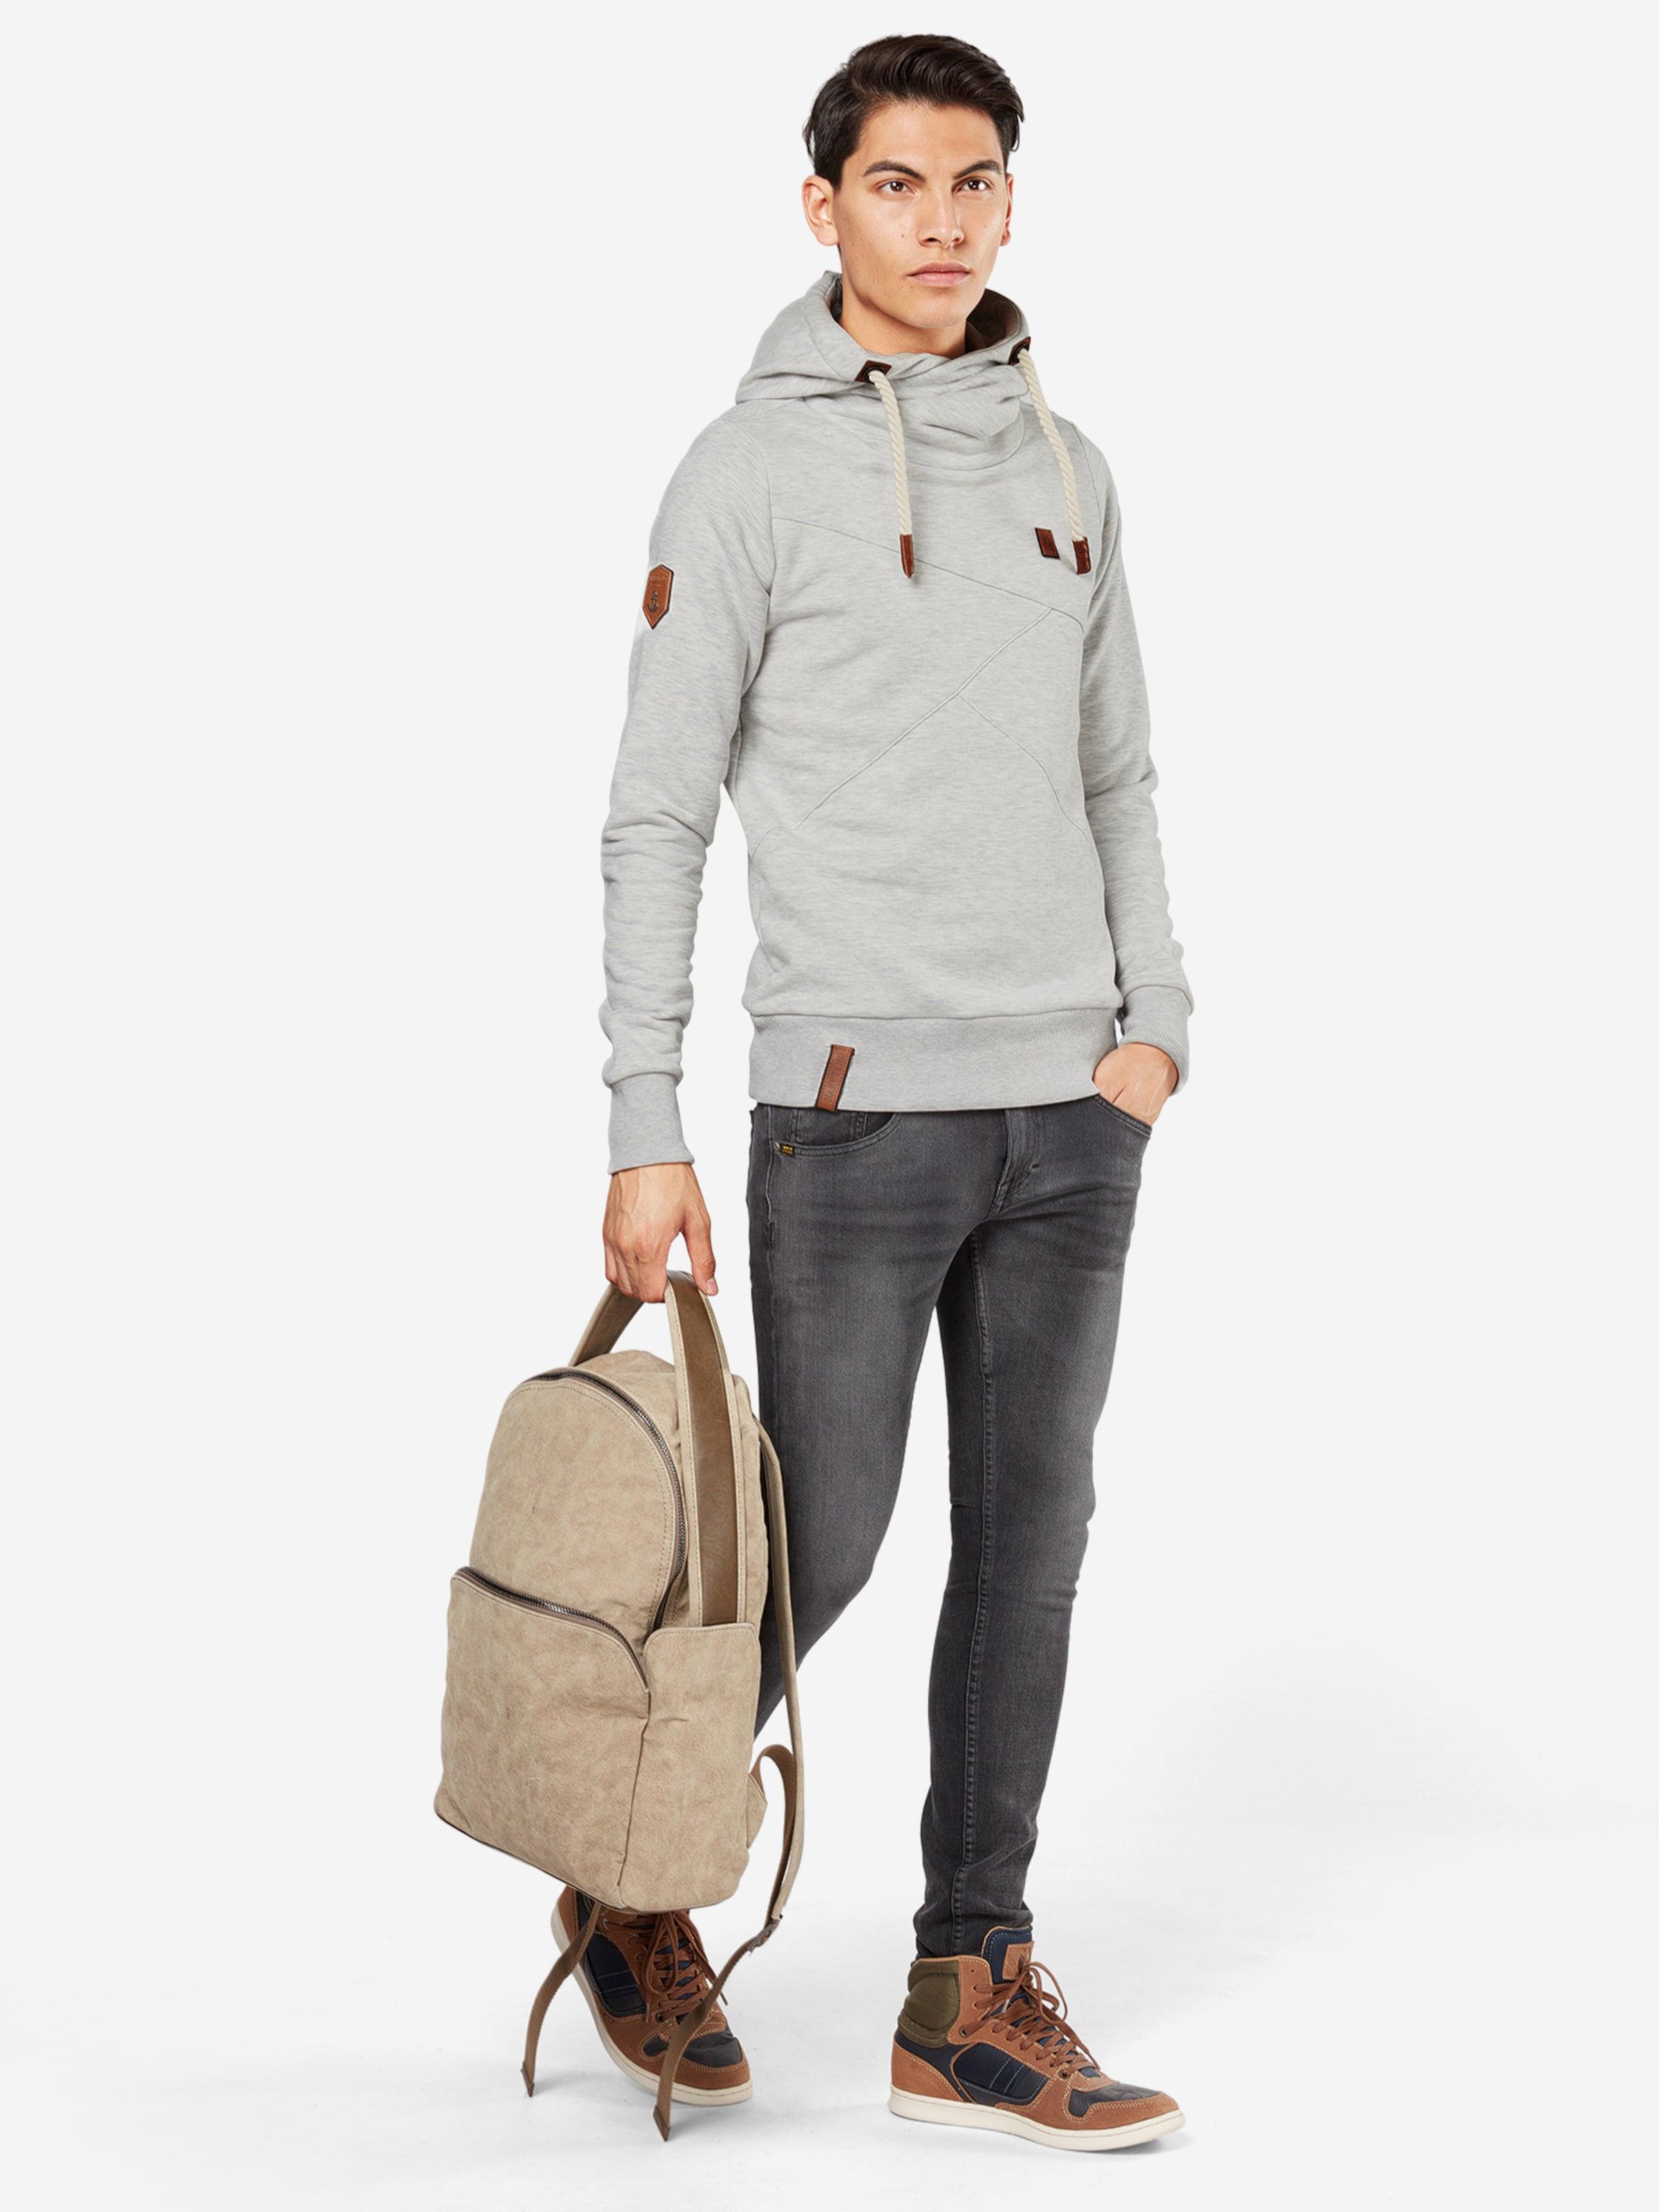 Günstig Kaufen Neue naketano Sweatshirt 'Lennox X' Billig Verkaufen Mode-Stil Outlet Großer Verkauf wK363vT